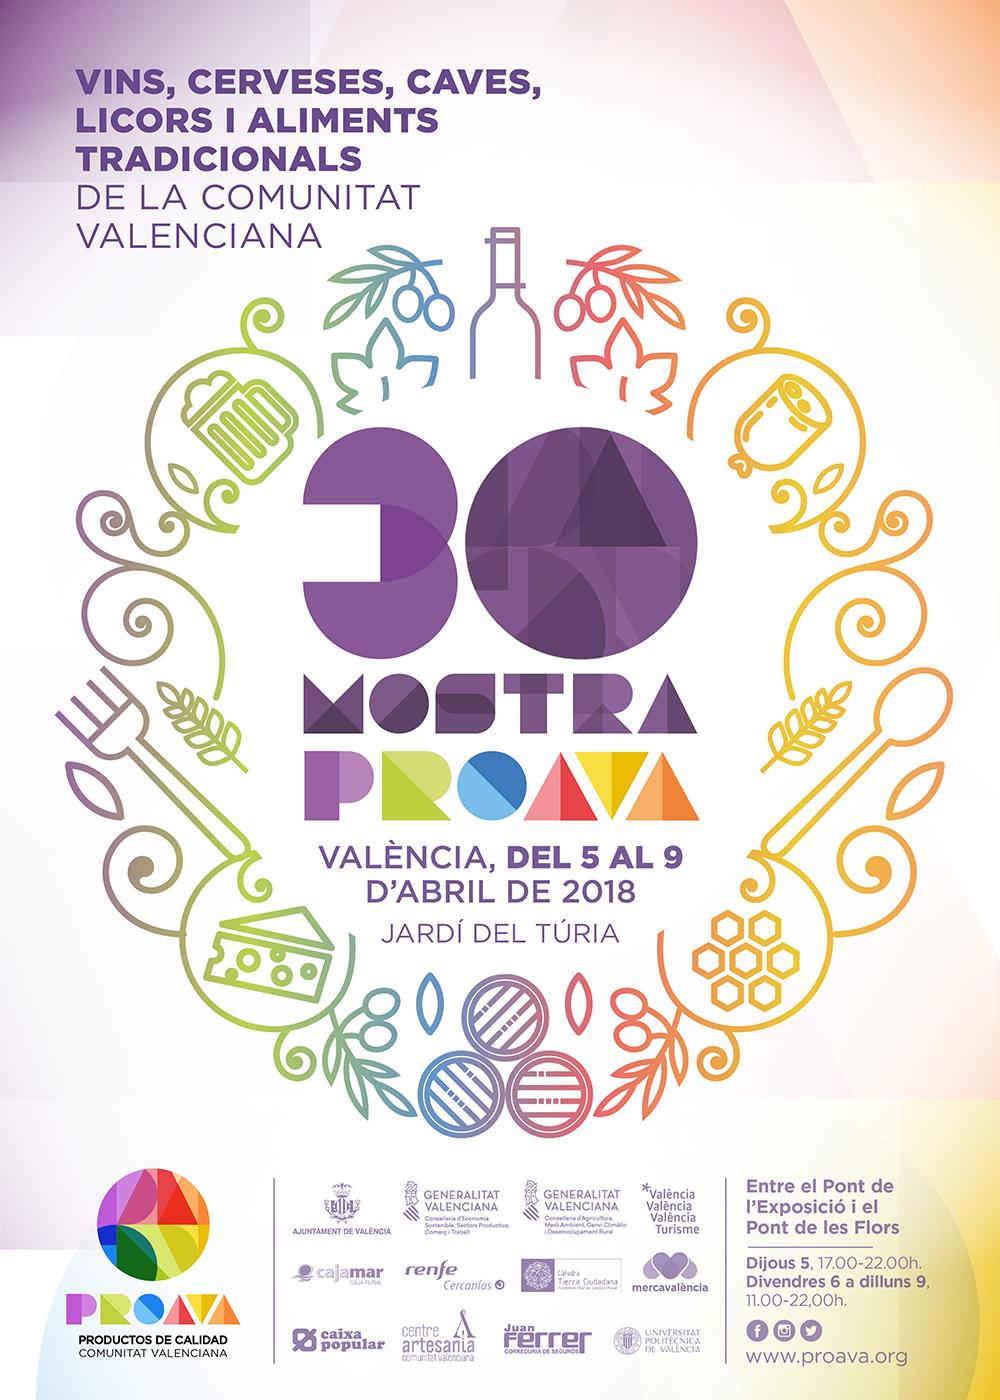 Mostra de vinos, cervezas, cavas y licores y mostra de alimentos de la comunidad valenciana